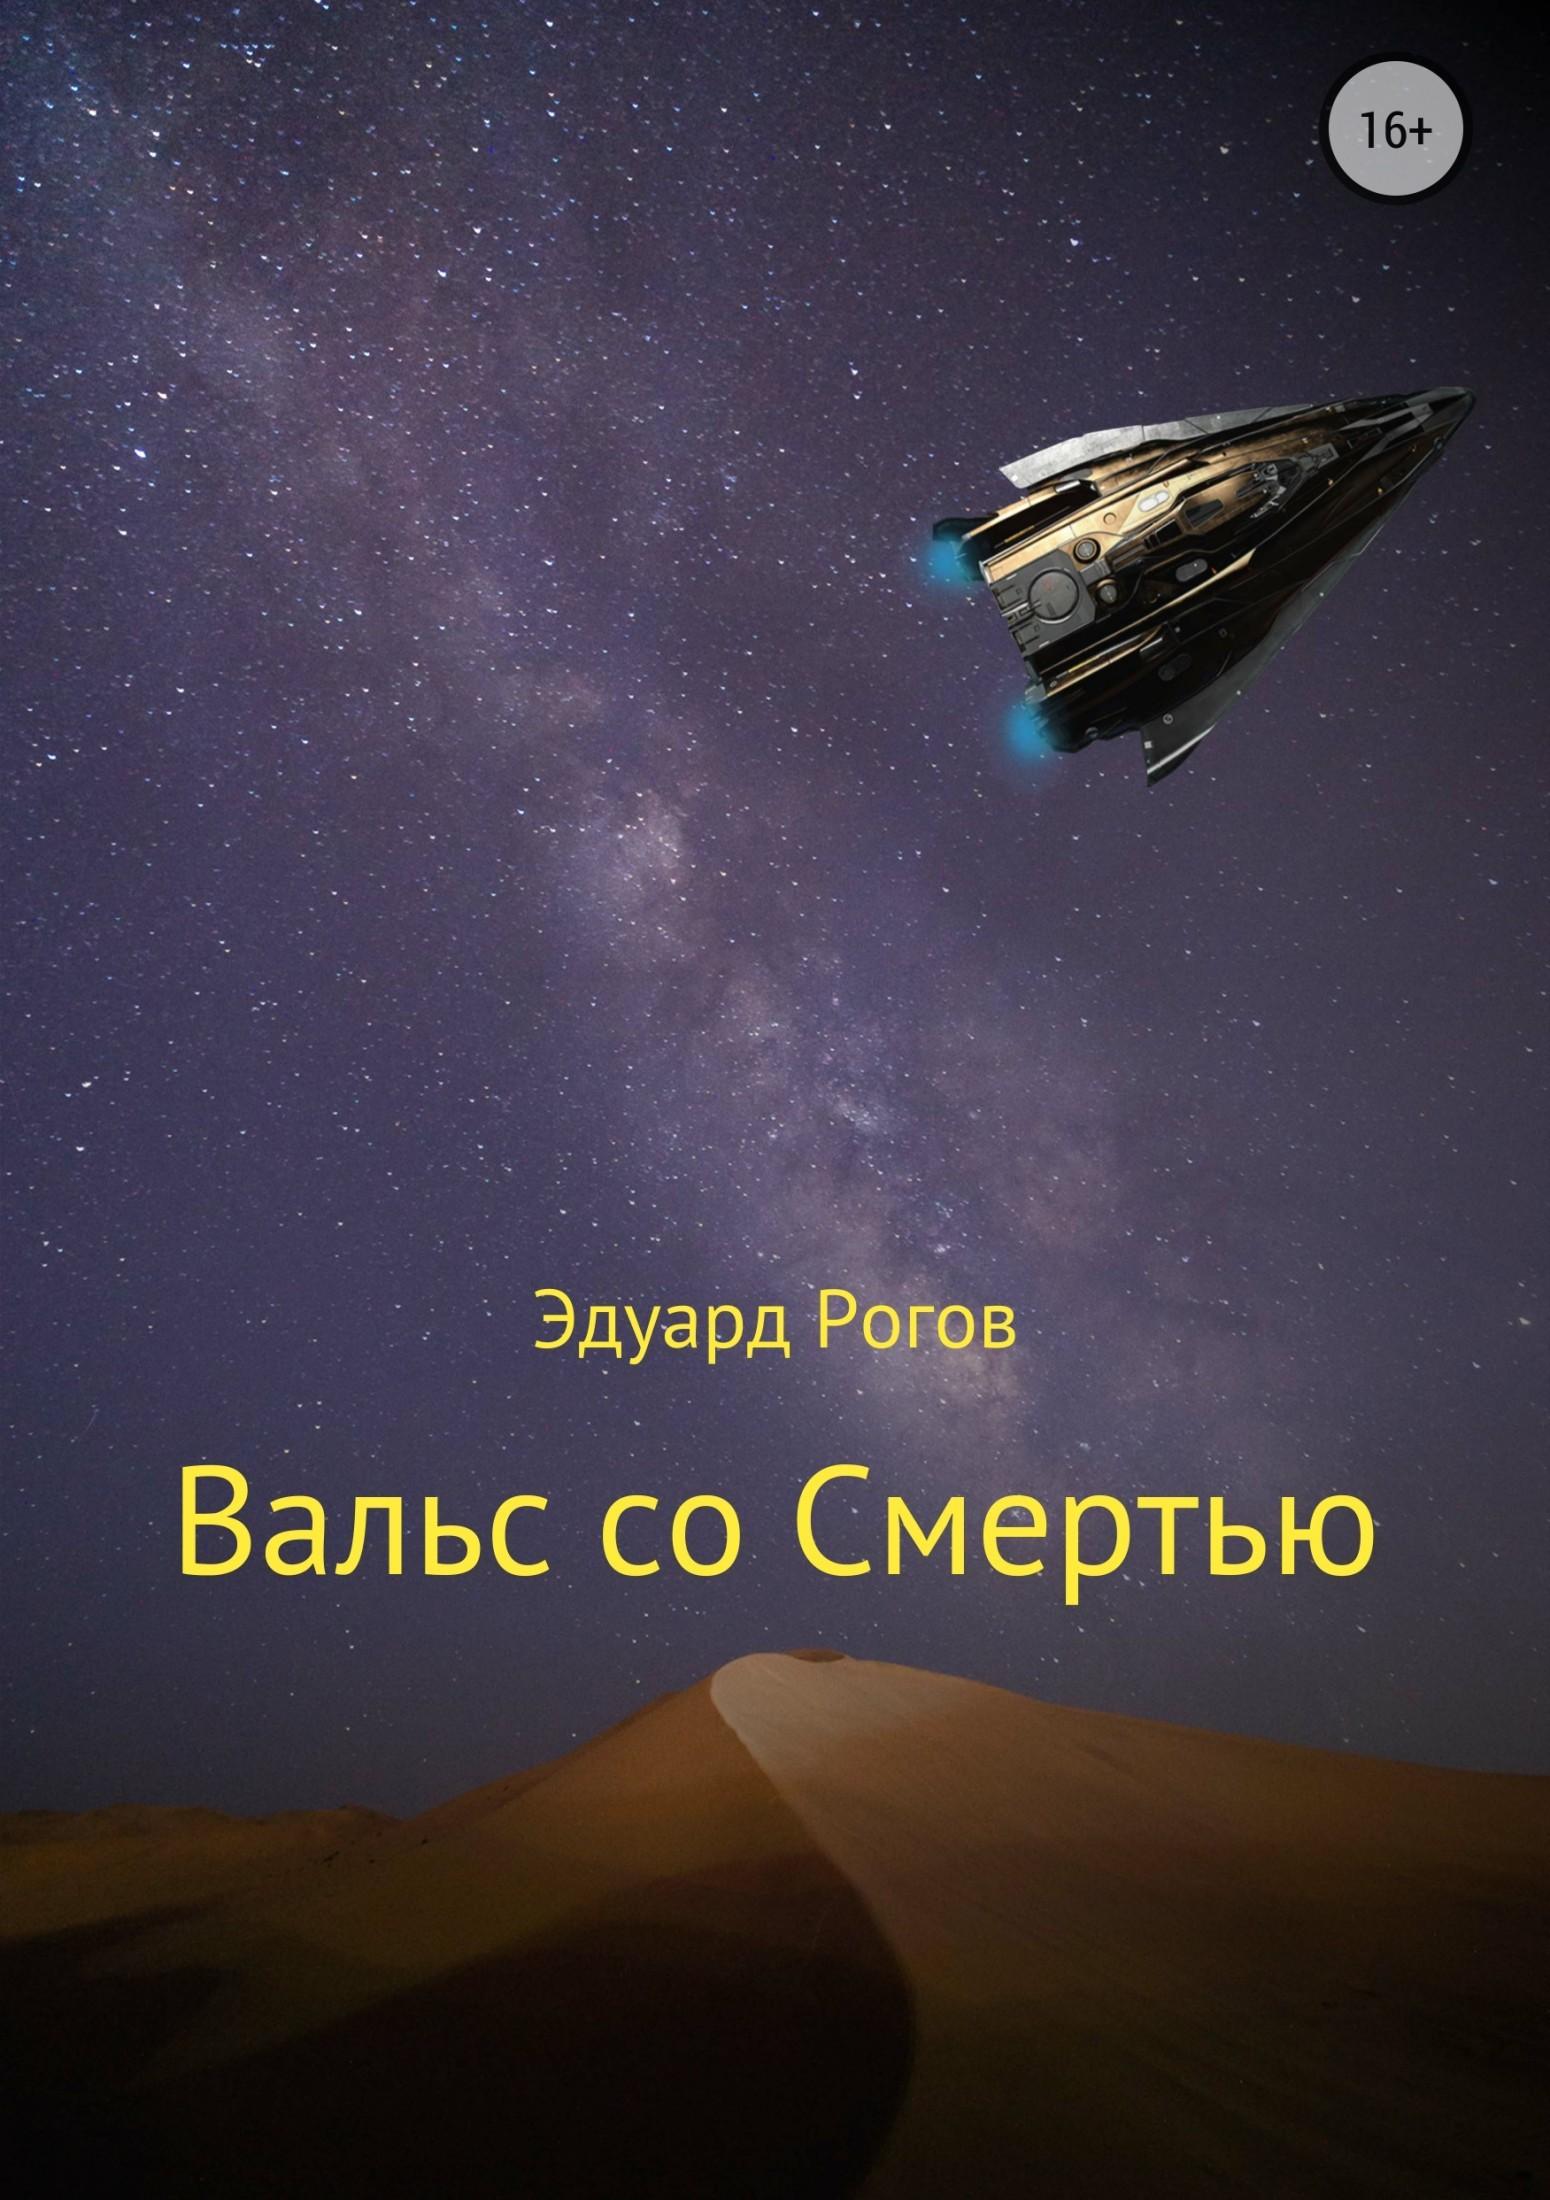 Эдуард Рогов «Вальс со Смертью»